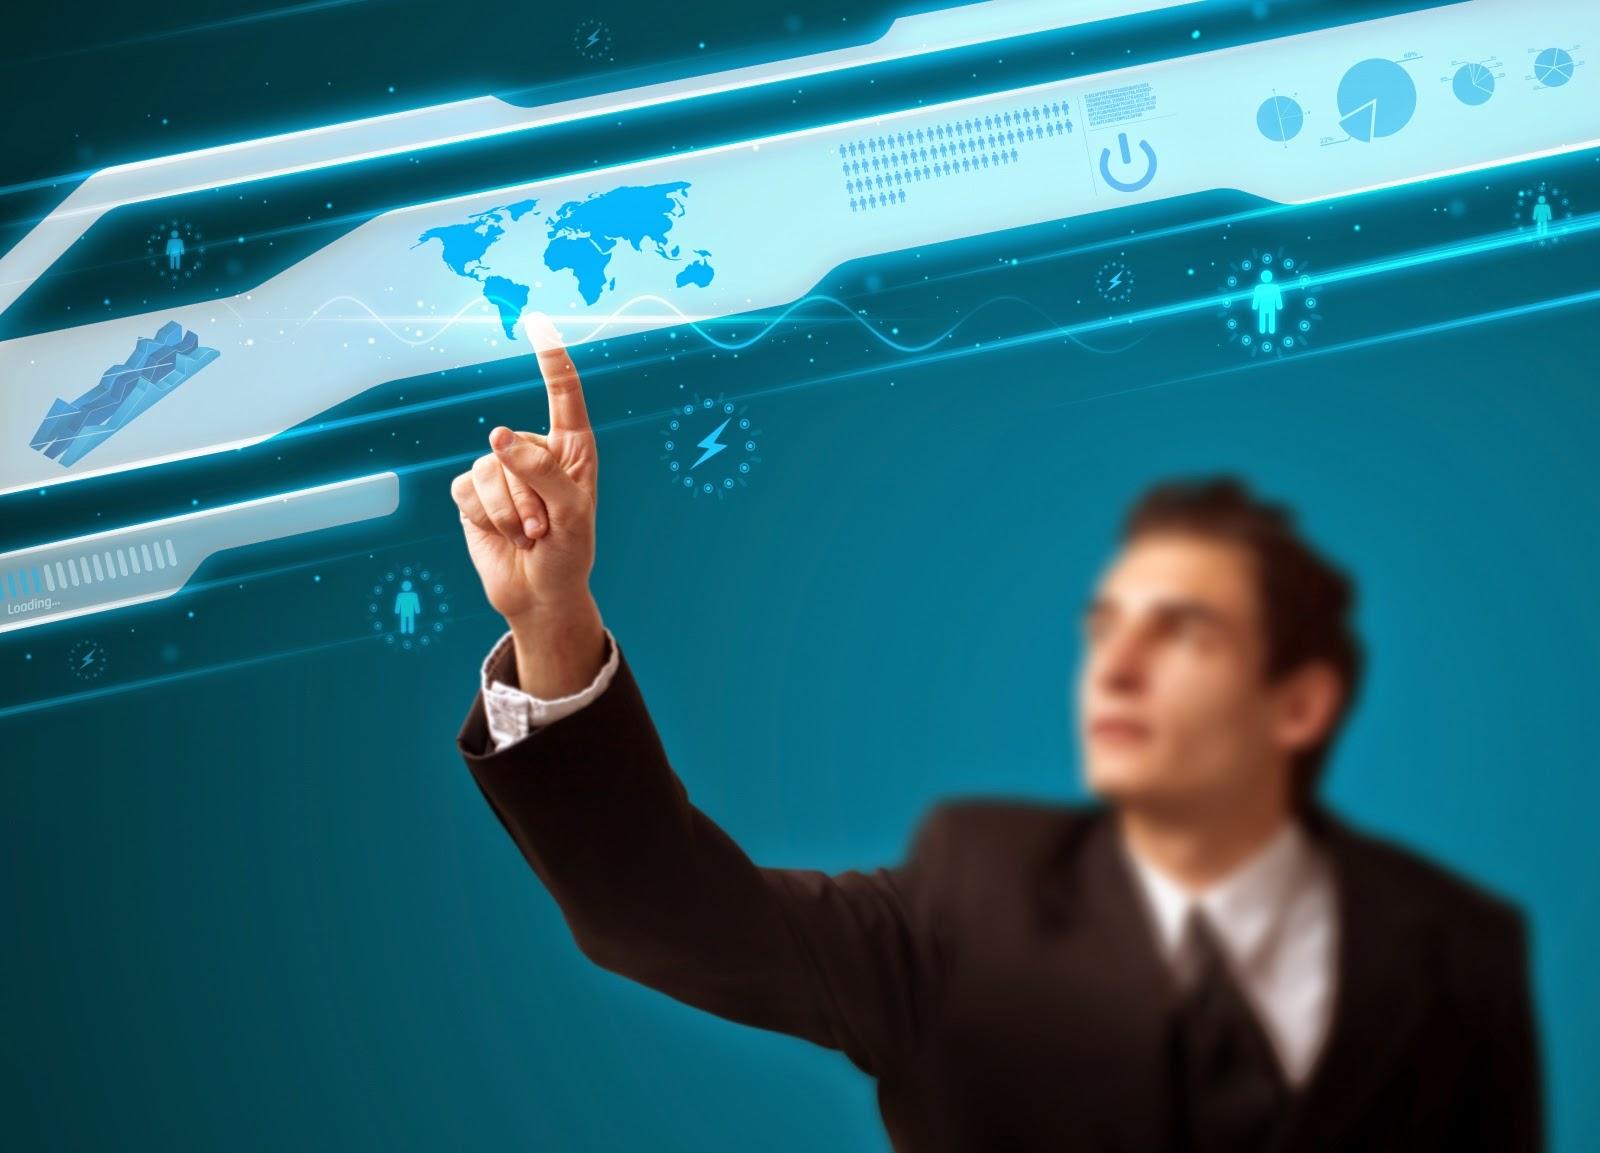 advogado, Contrato, Direito Contratual, Direito Empresarial, empreendedor, empreendedorismo, Empresa, empresarial, empresário, Jurídico, SaaS, Software as a service, tecnologia, TI,